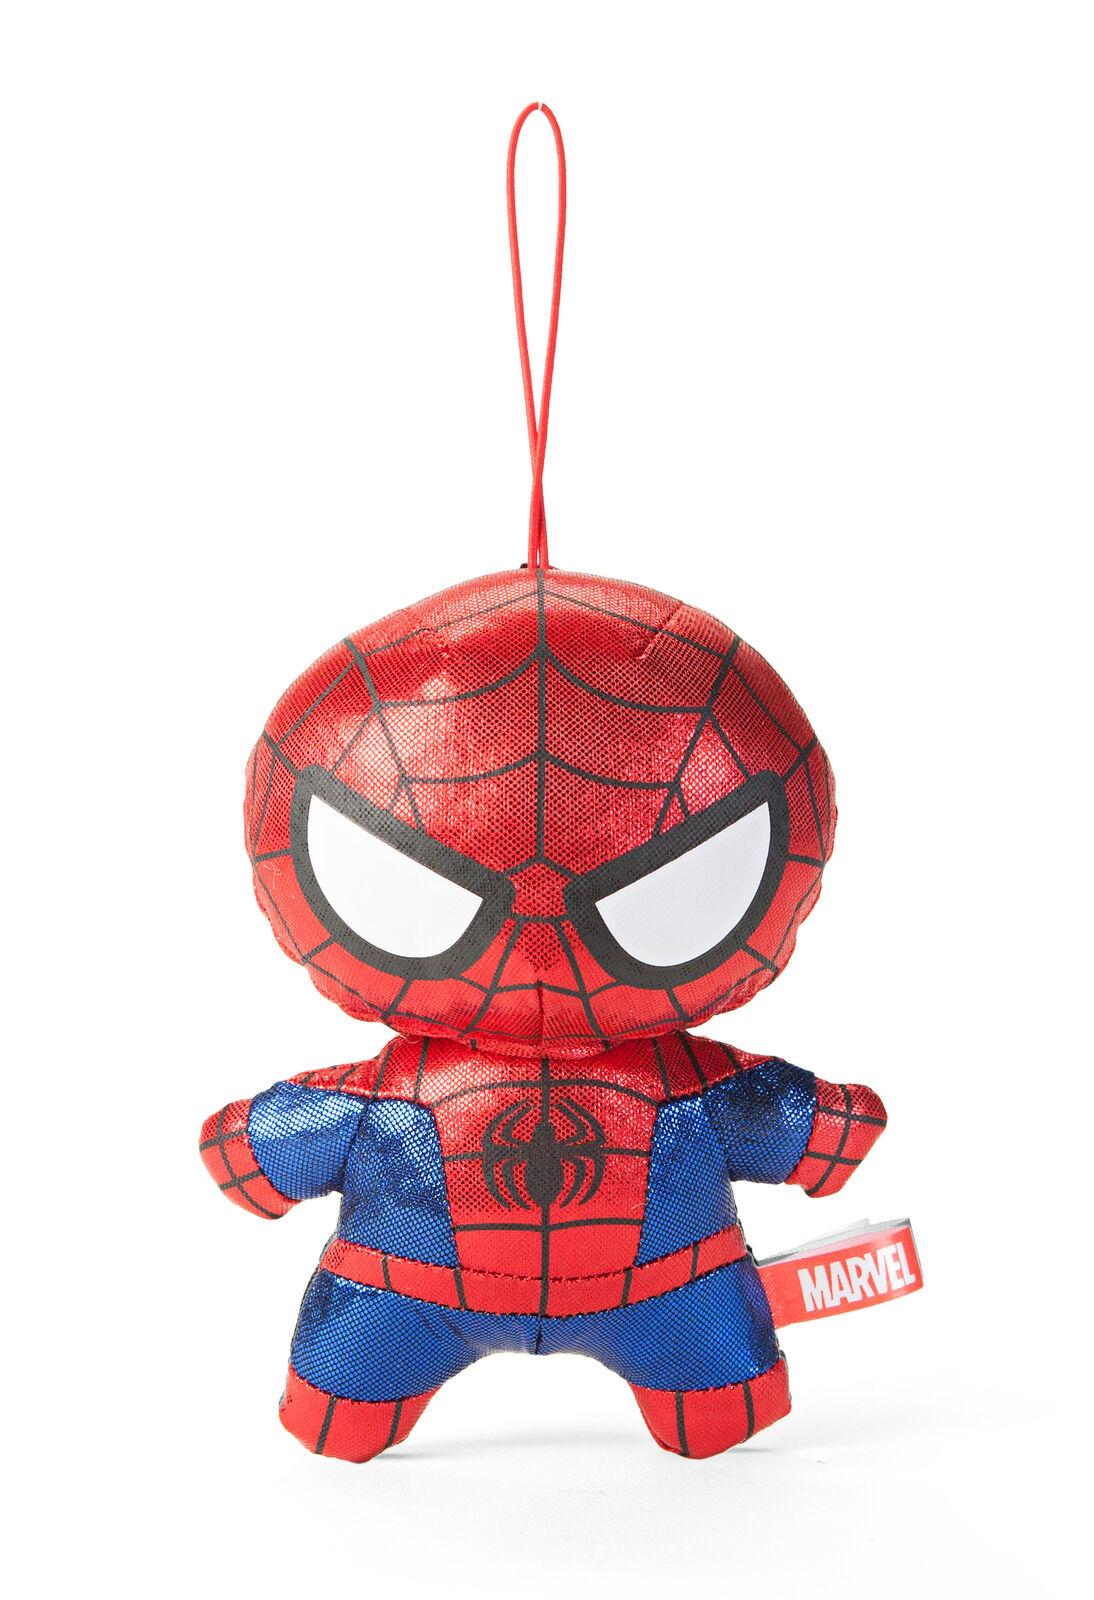 Marvel Kawaii Kawaii Kawaii Art Collection Gloss Spider-Man Plush Toy b4c4ed